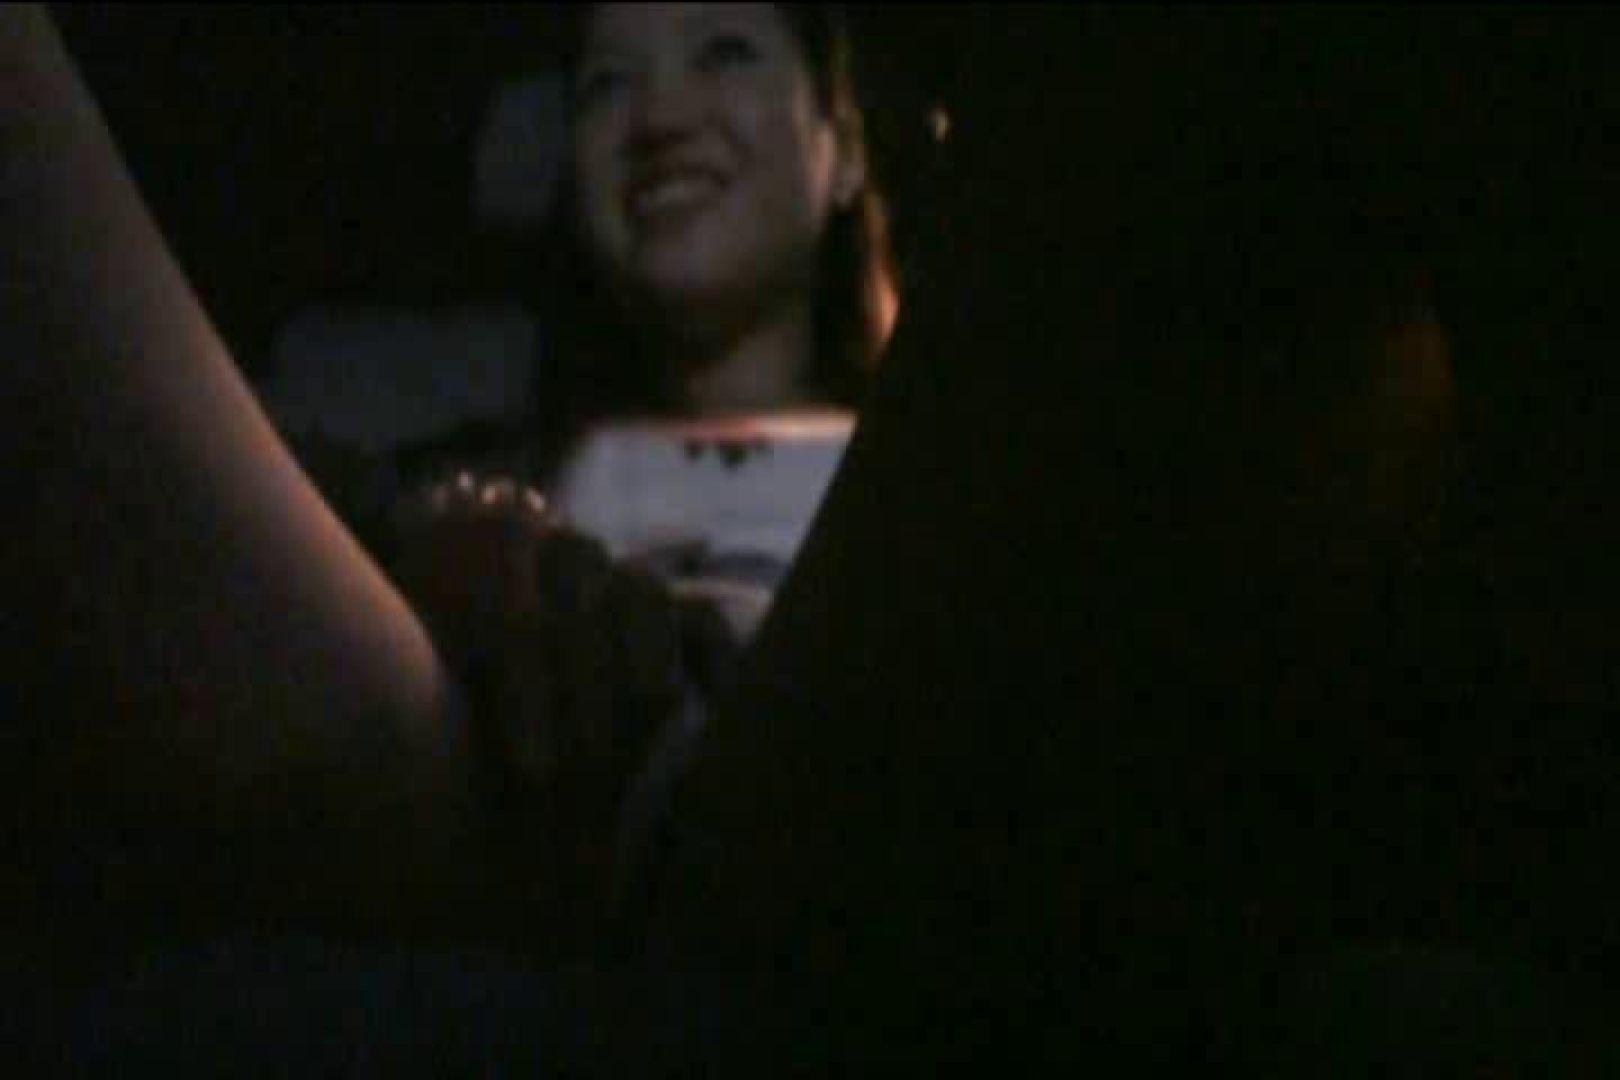 車内で初めまして! vol01 ハプニング   盗撮  68pic 48